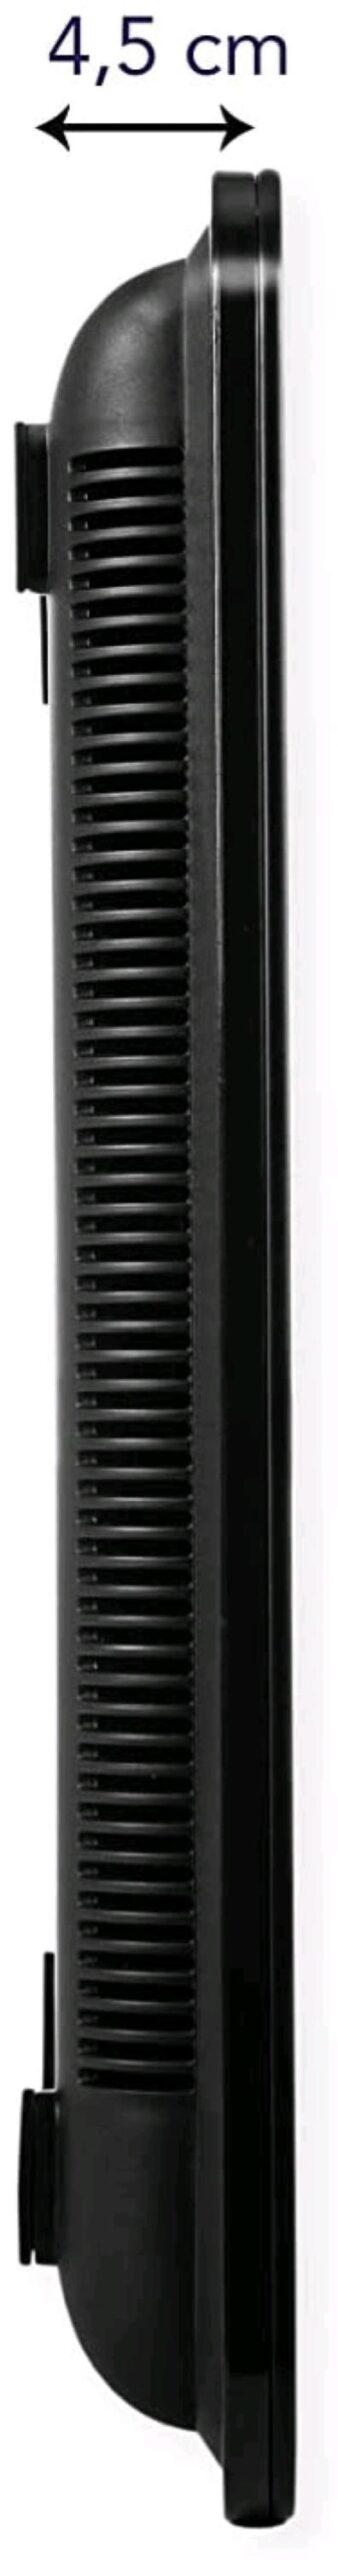 PT-PI2 Piastra a Induzione Doppia Fornello a induzione Controlli Touch Display led 10 livelli di potenza 200>2000watt Timer 180min ultra slim  PremierTech